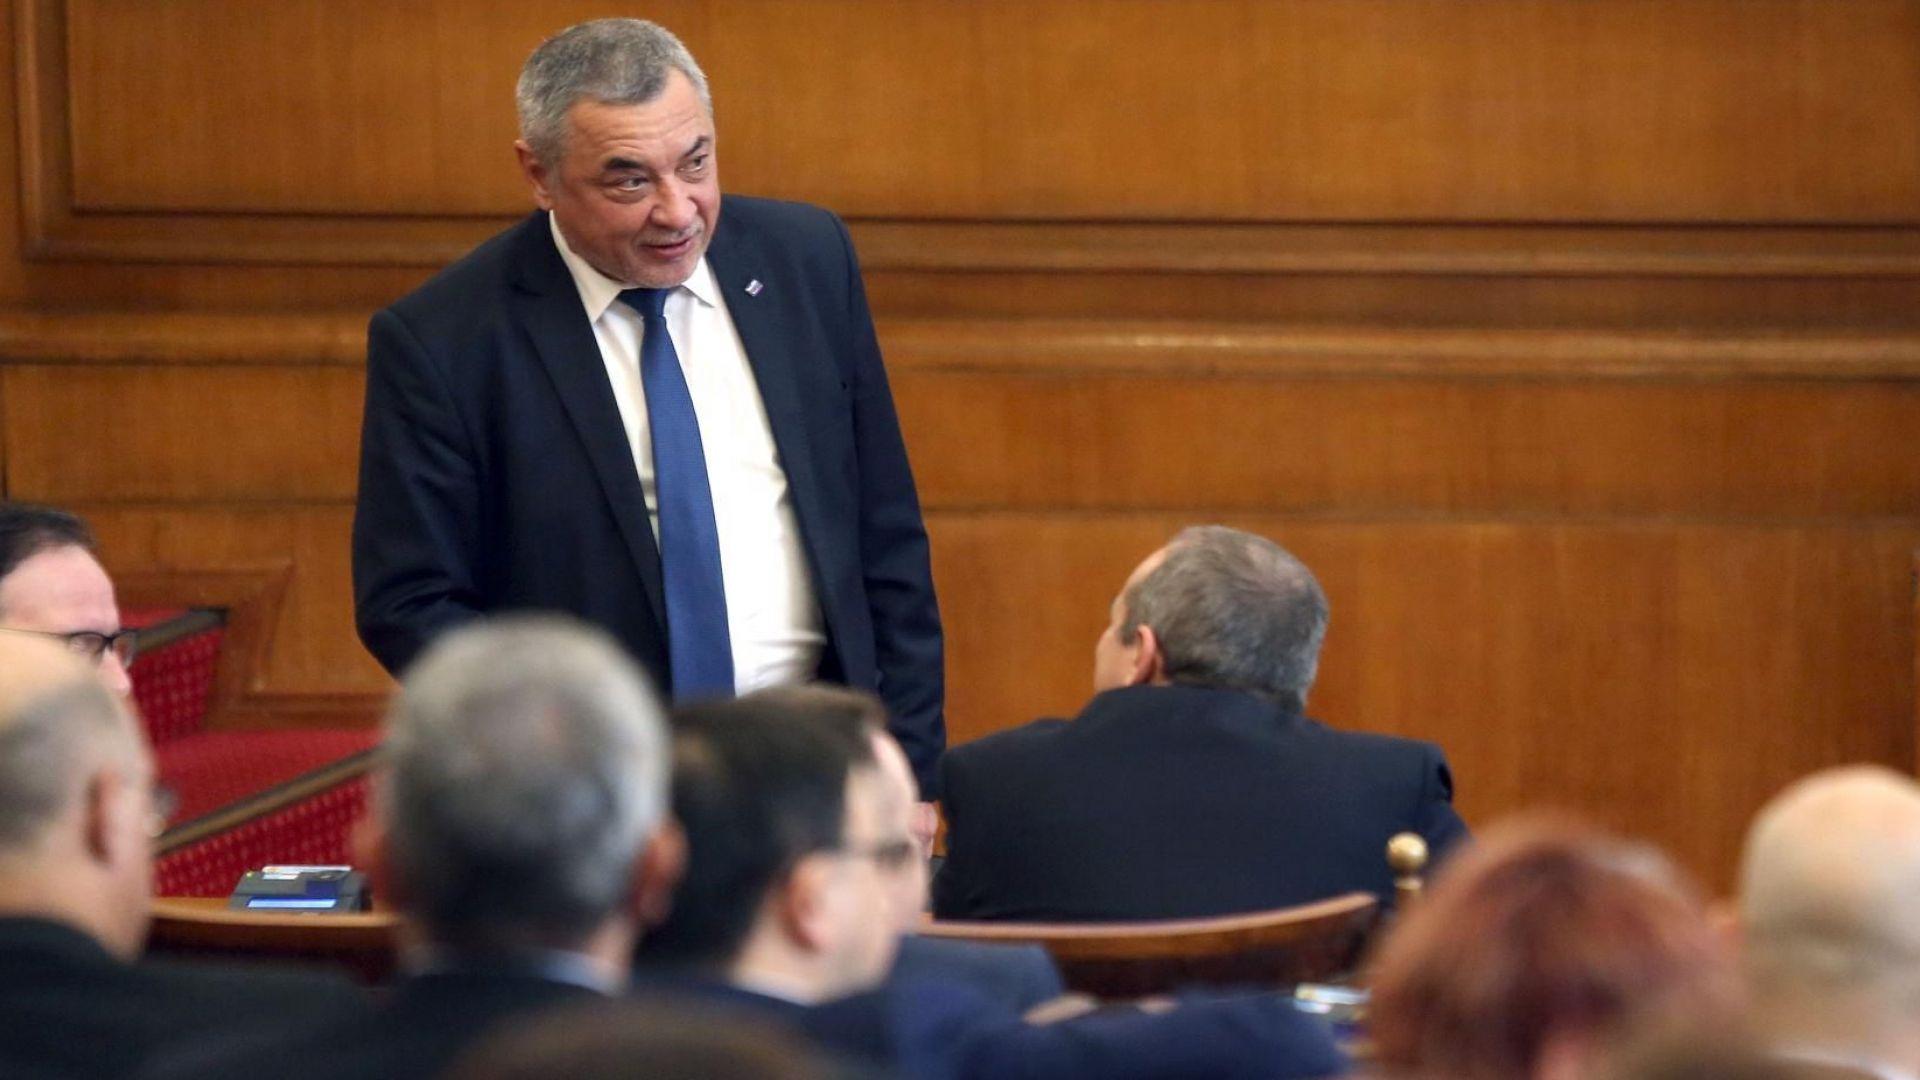 Националният изпълнителен комитет наНФСБизпрати поздравителен адрес до президента на Украйна